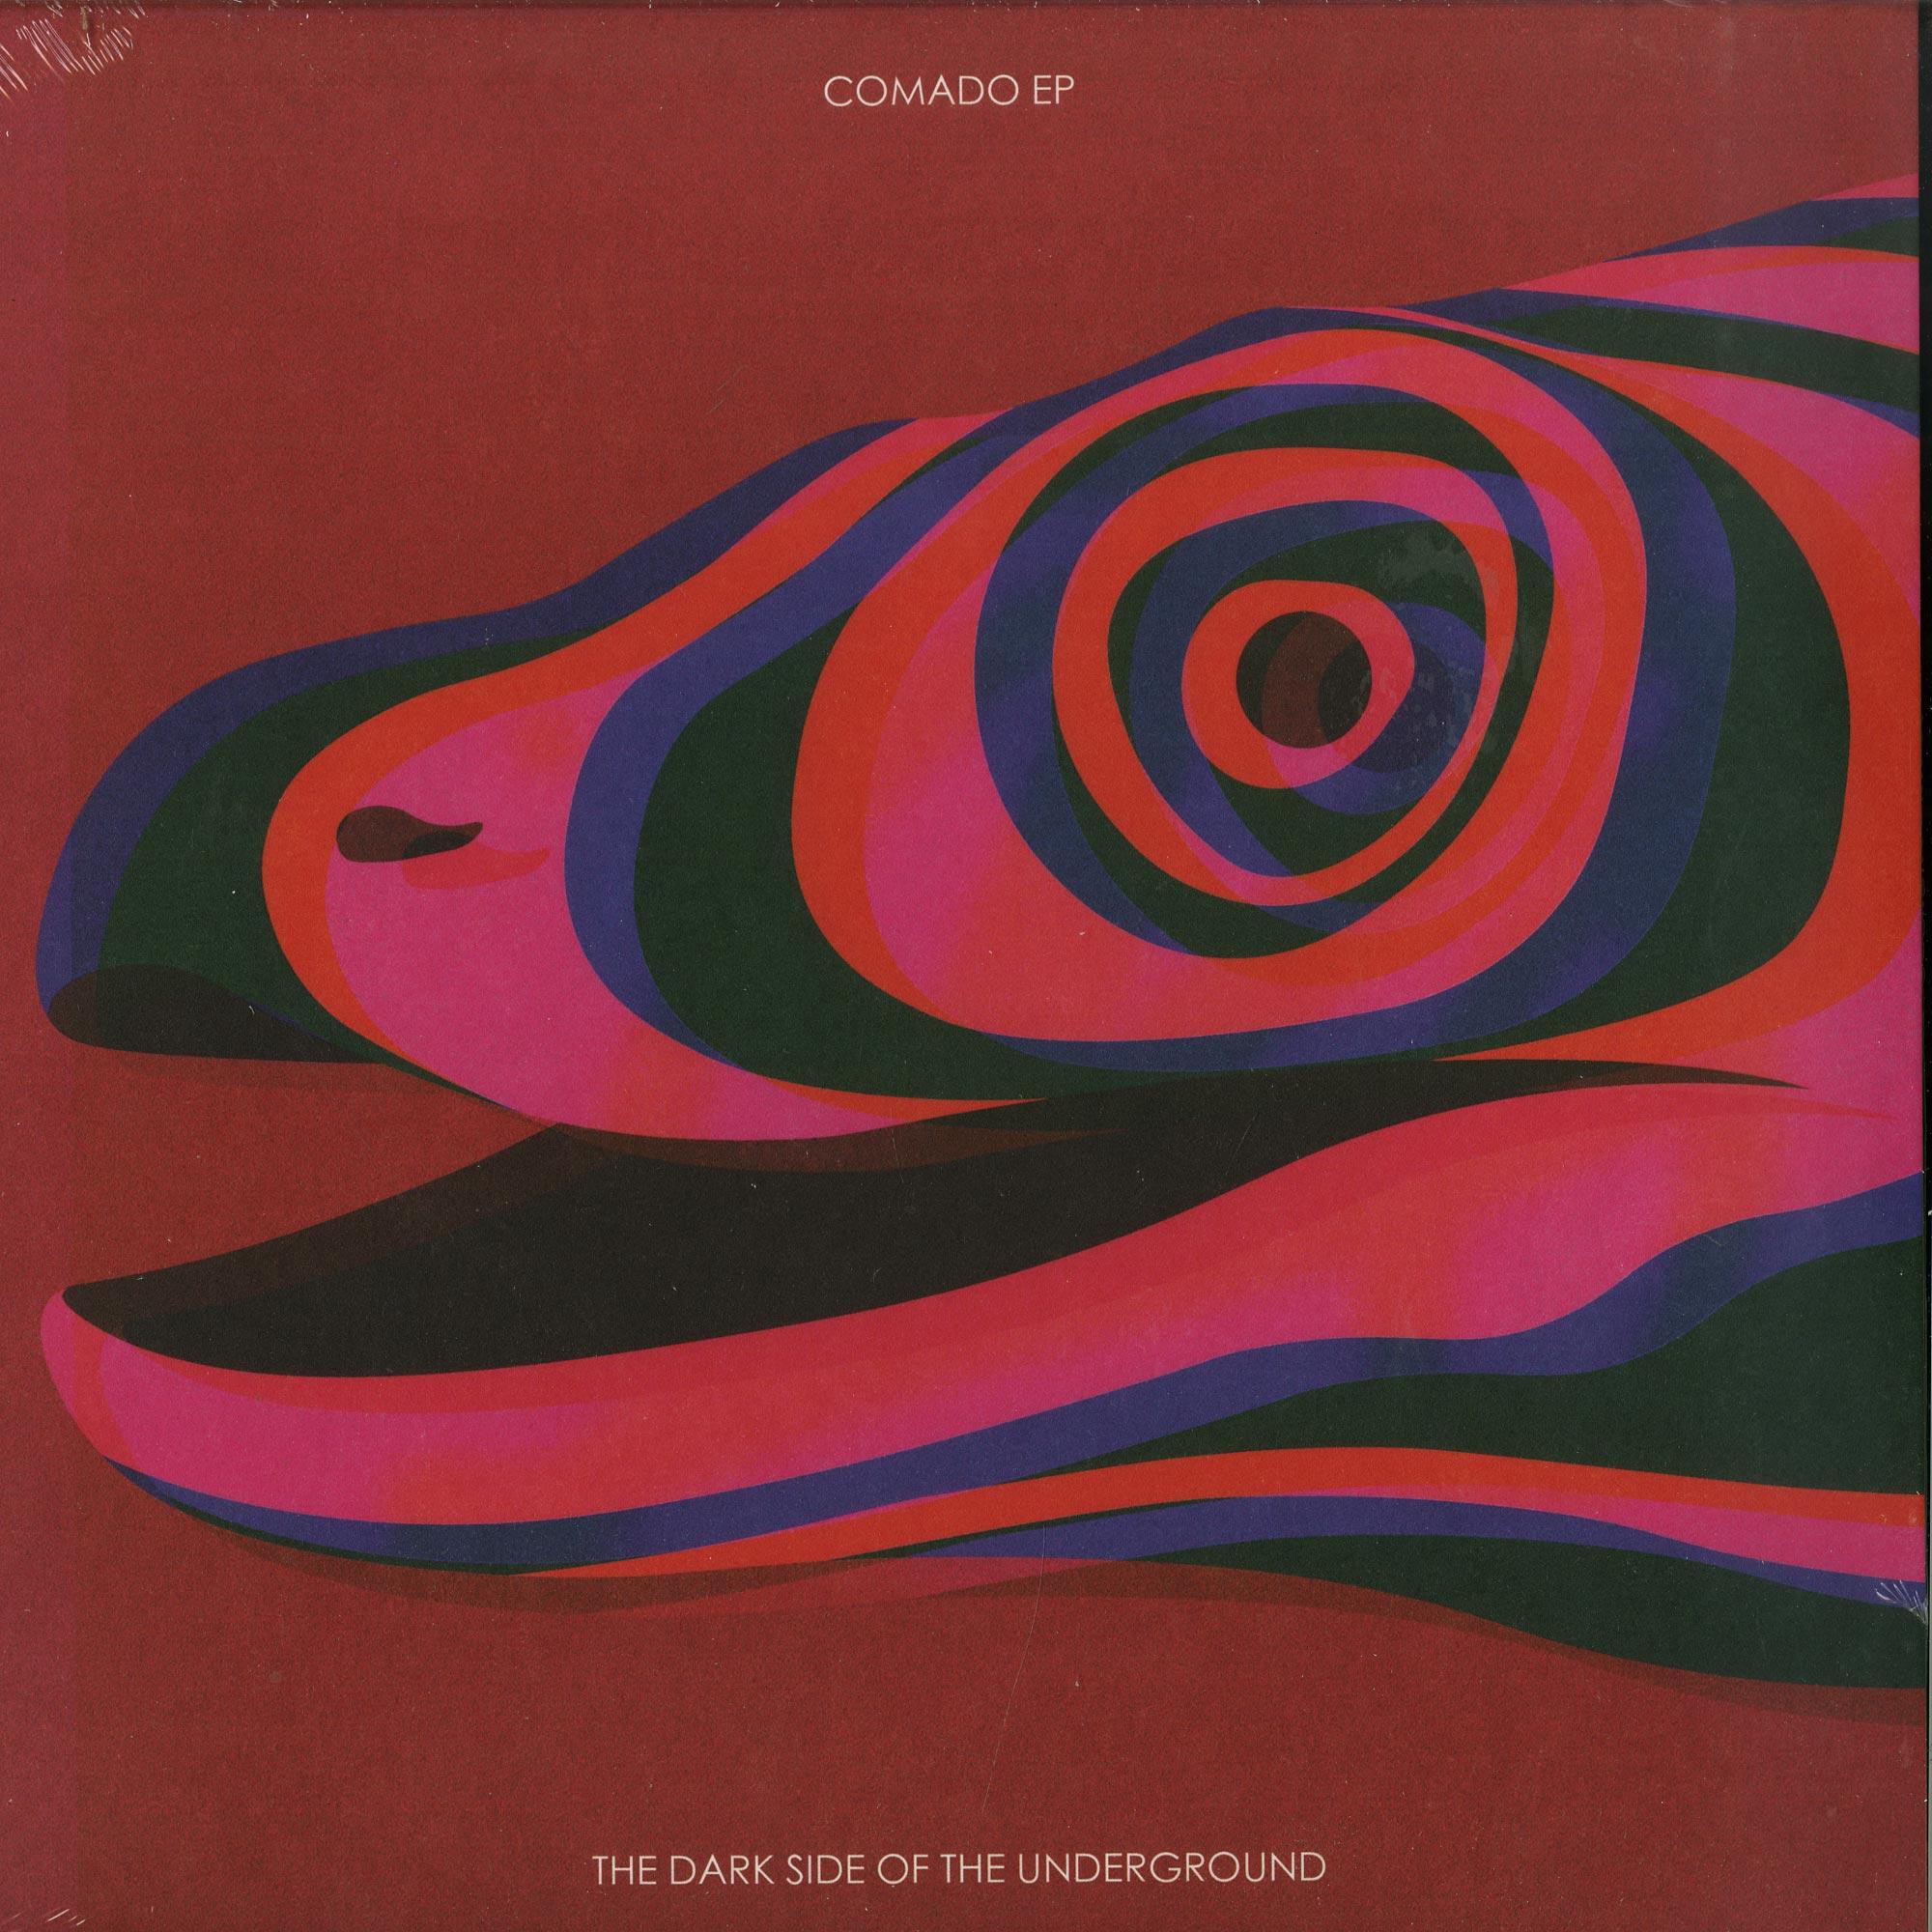 The Dark Side of Underground - COMADO EP EP